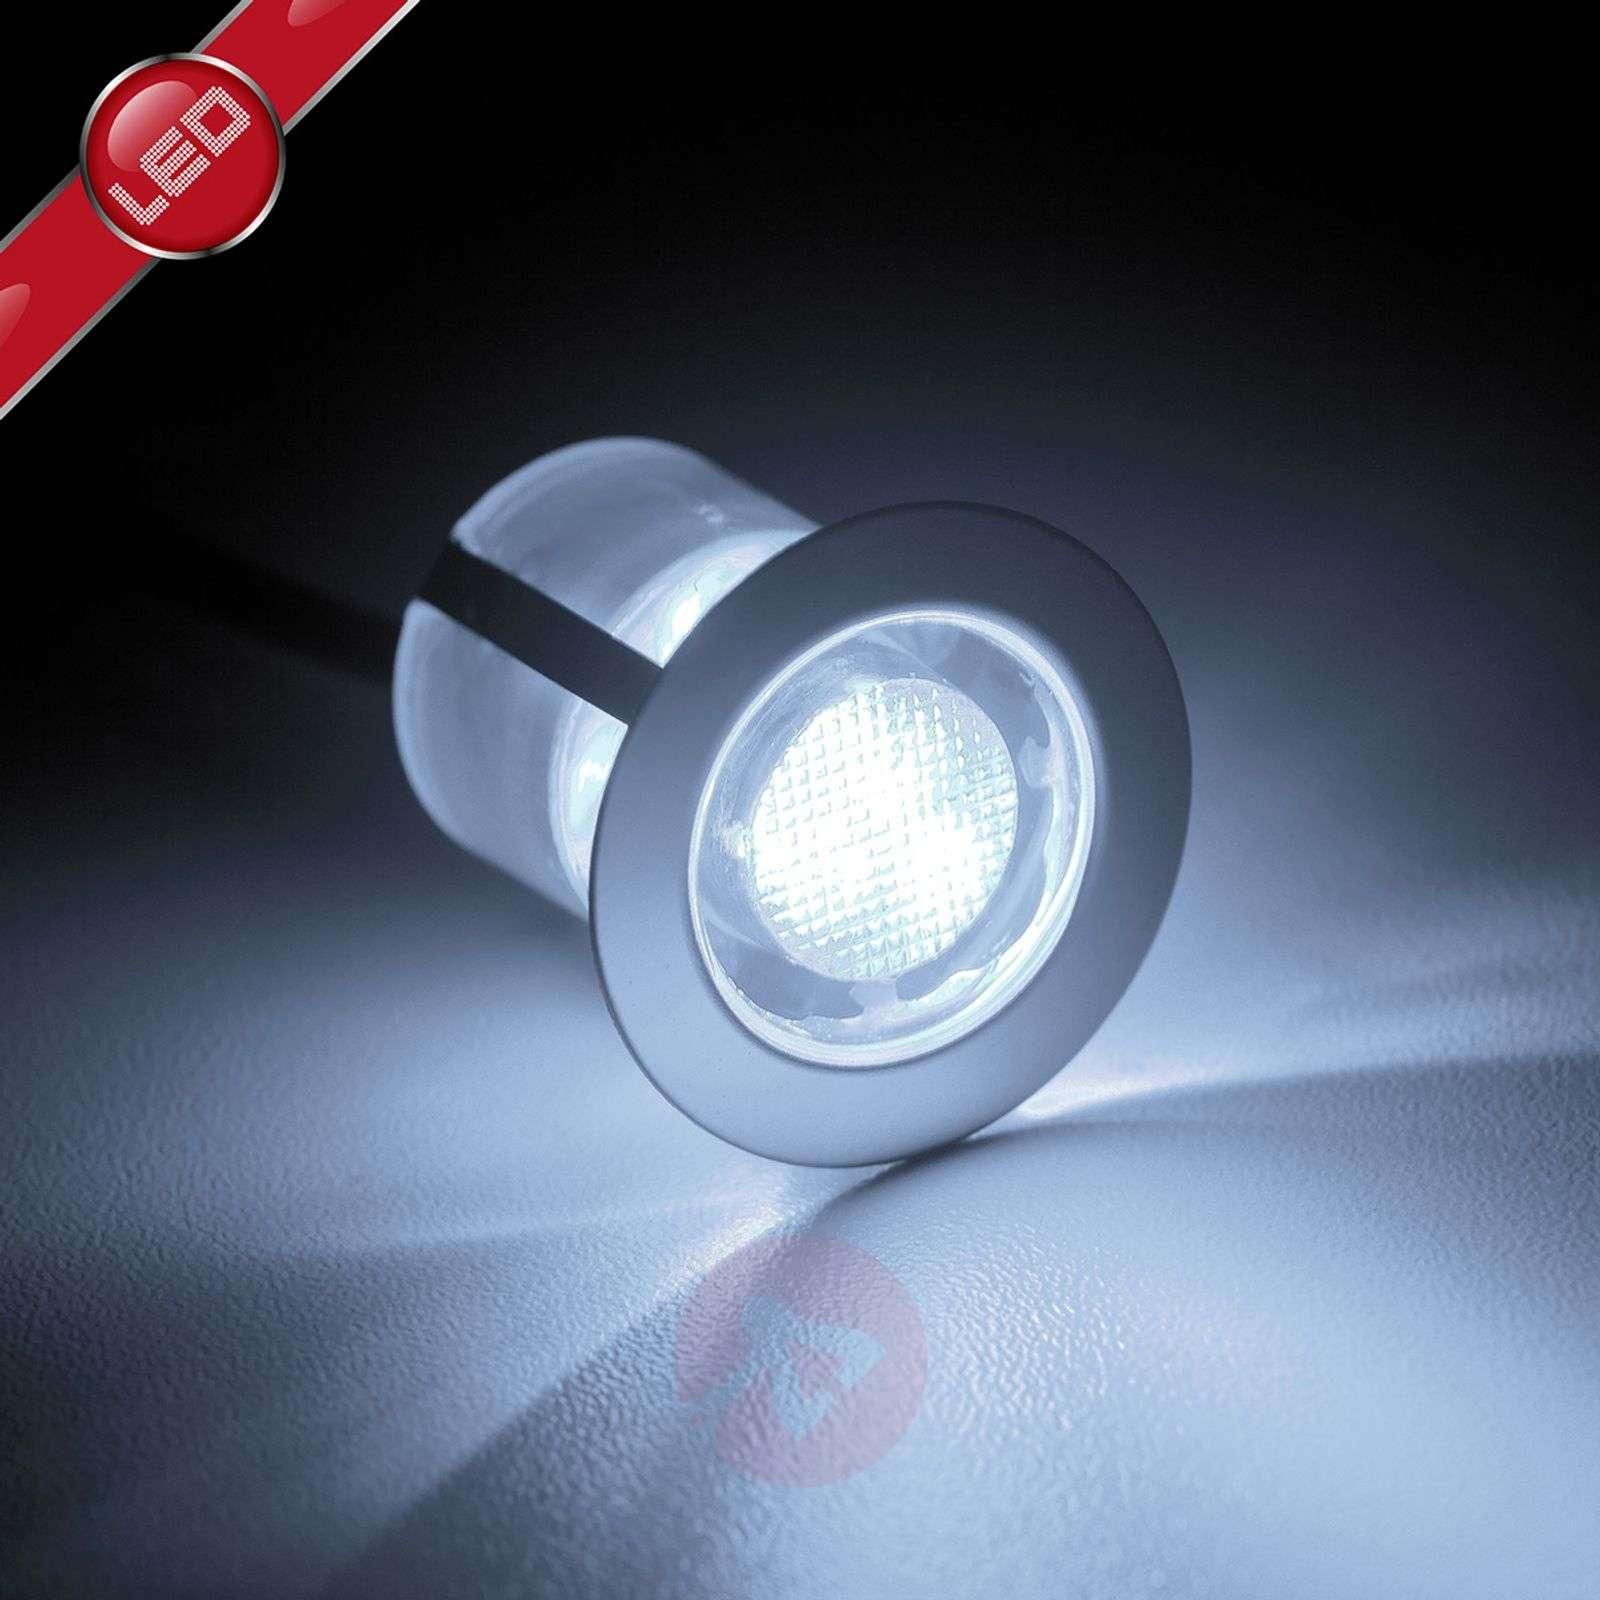 Cosa-LED-uppovalaisin 3 cm 10 kpl perusvalkoinen-1507144-01